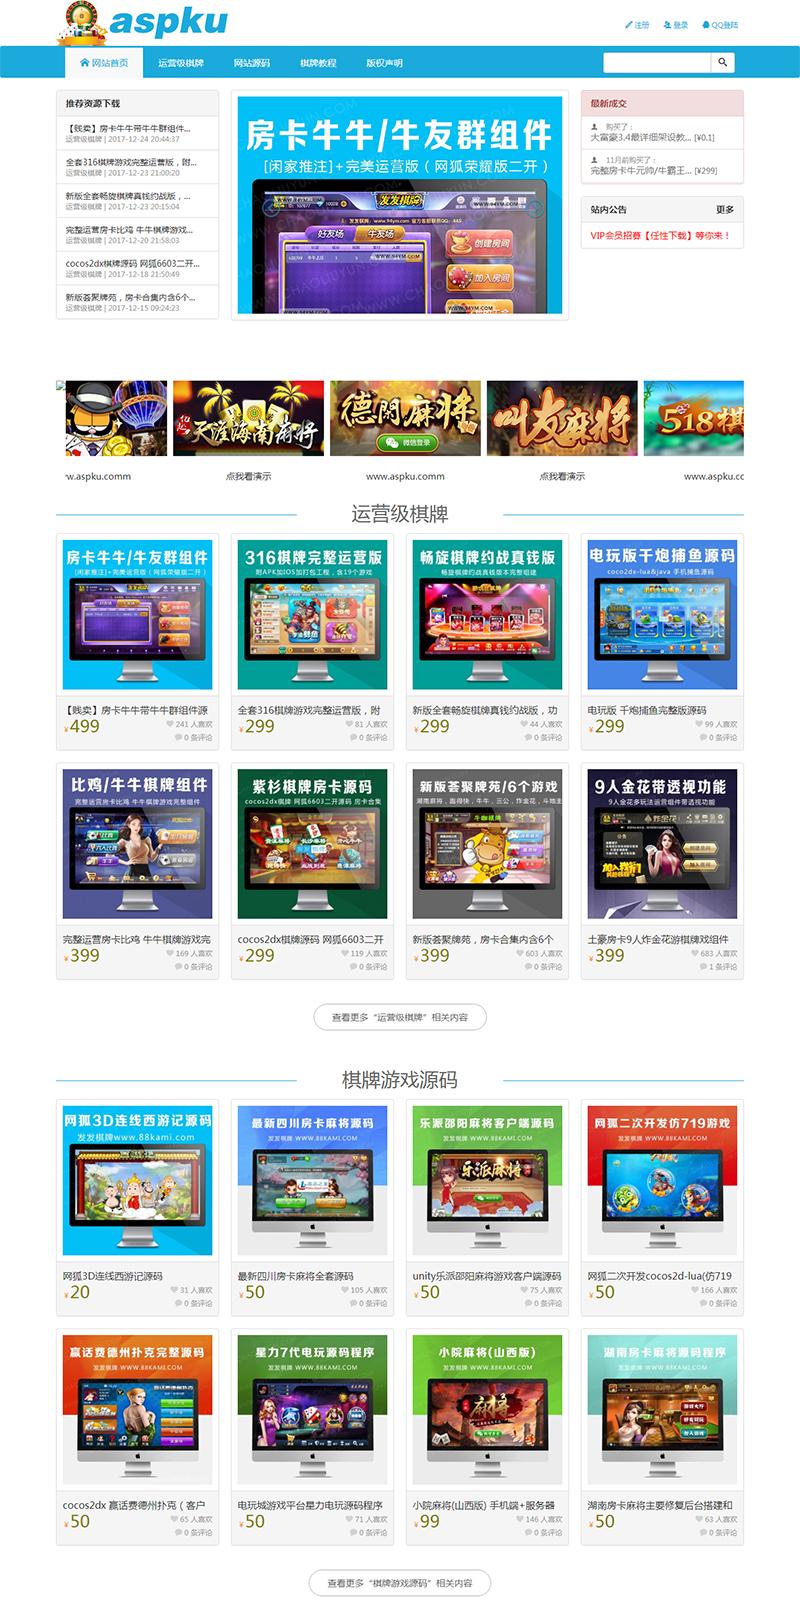 棋牌游戏资源网源码整站下载 (全站数据打包)-第1张